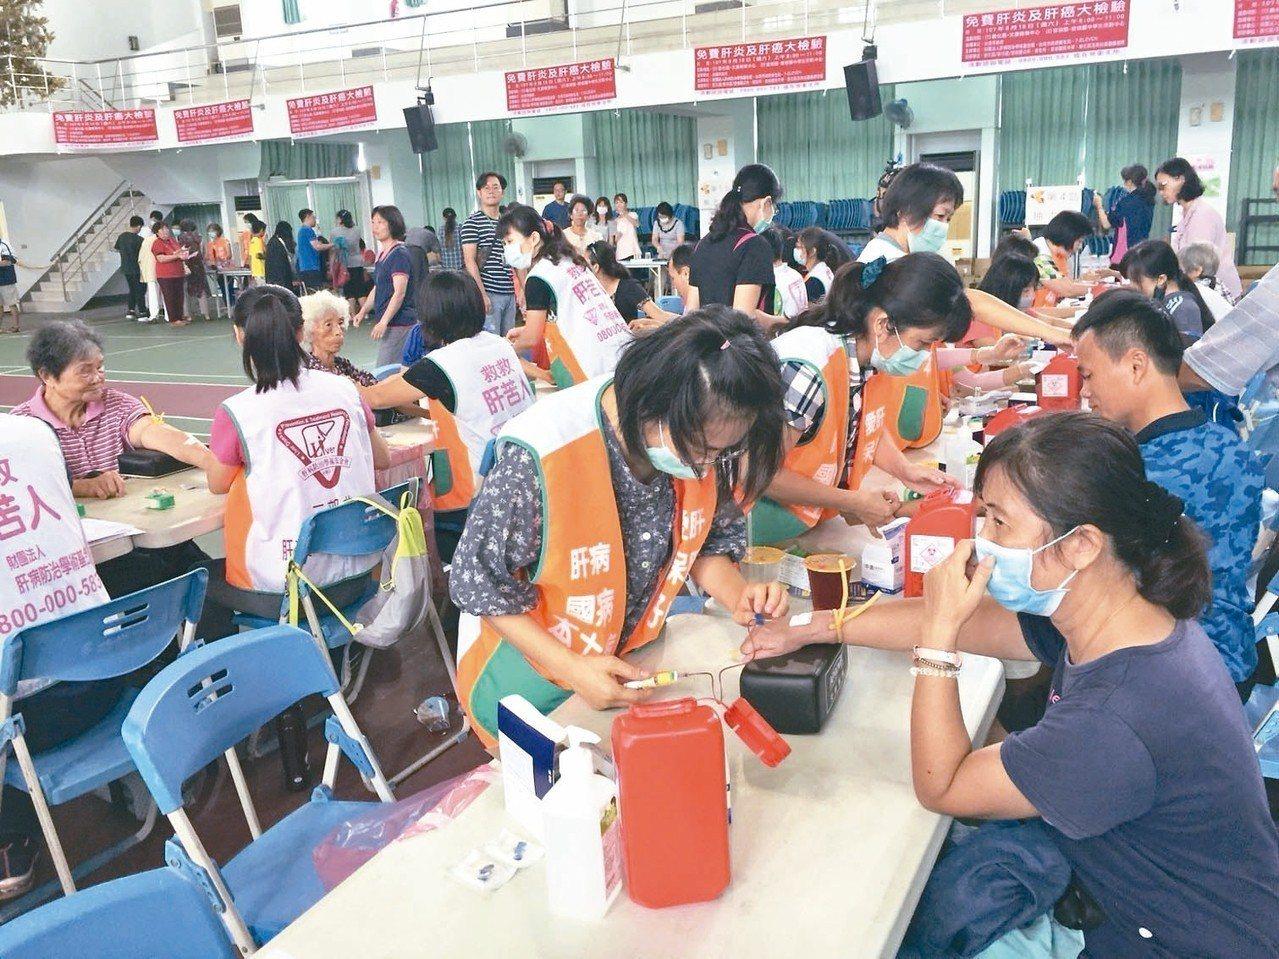 台南市民20歲起免費篩檢 拚2030年消滅肝病